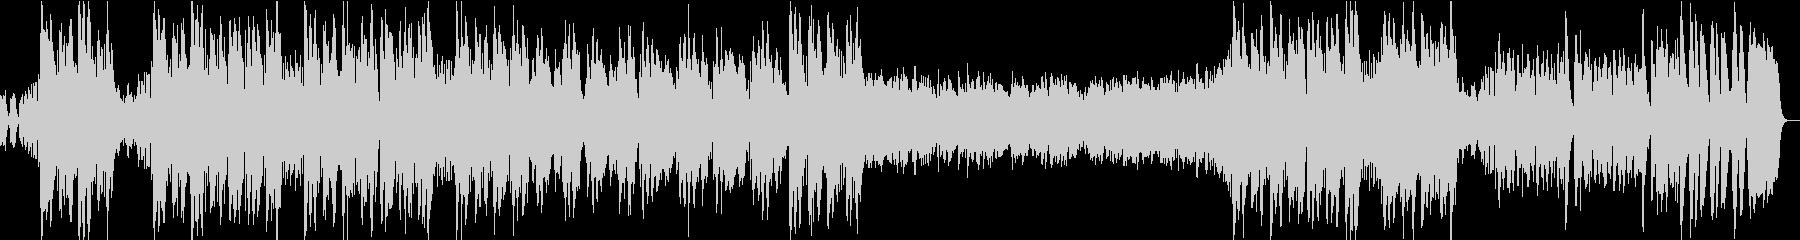 メンデルスゾーンの結婚行進曲・全曲フルの未再生の波形